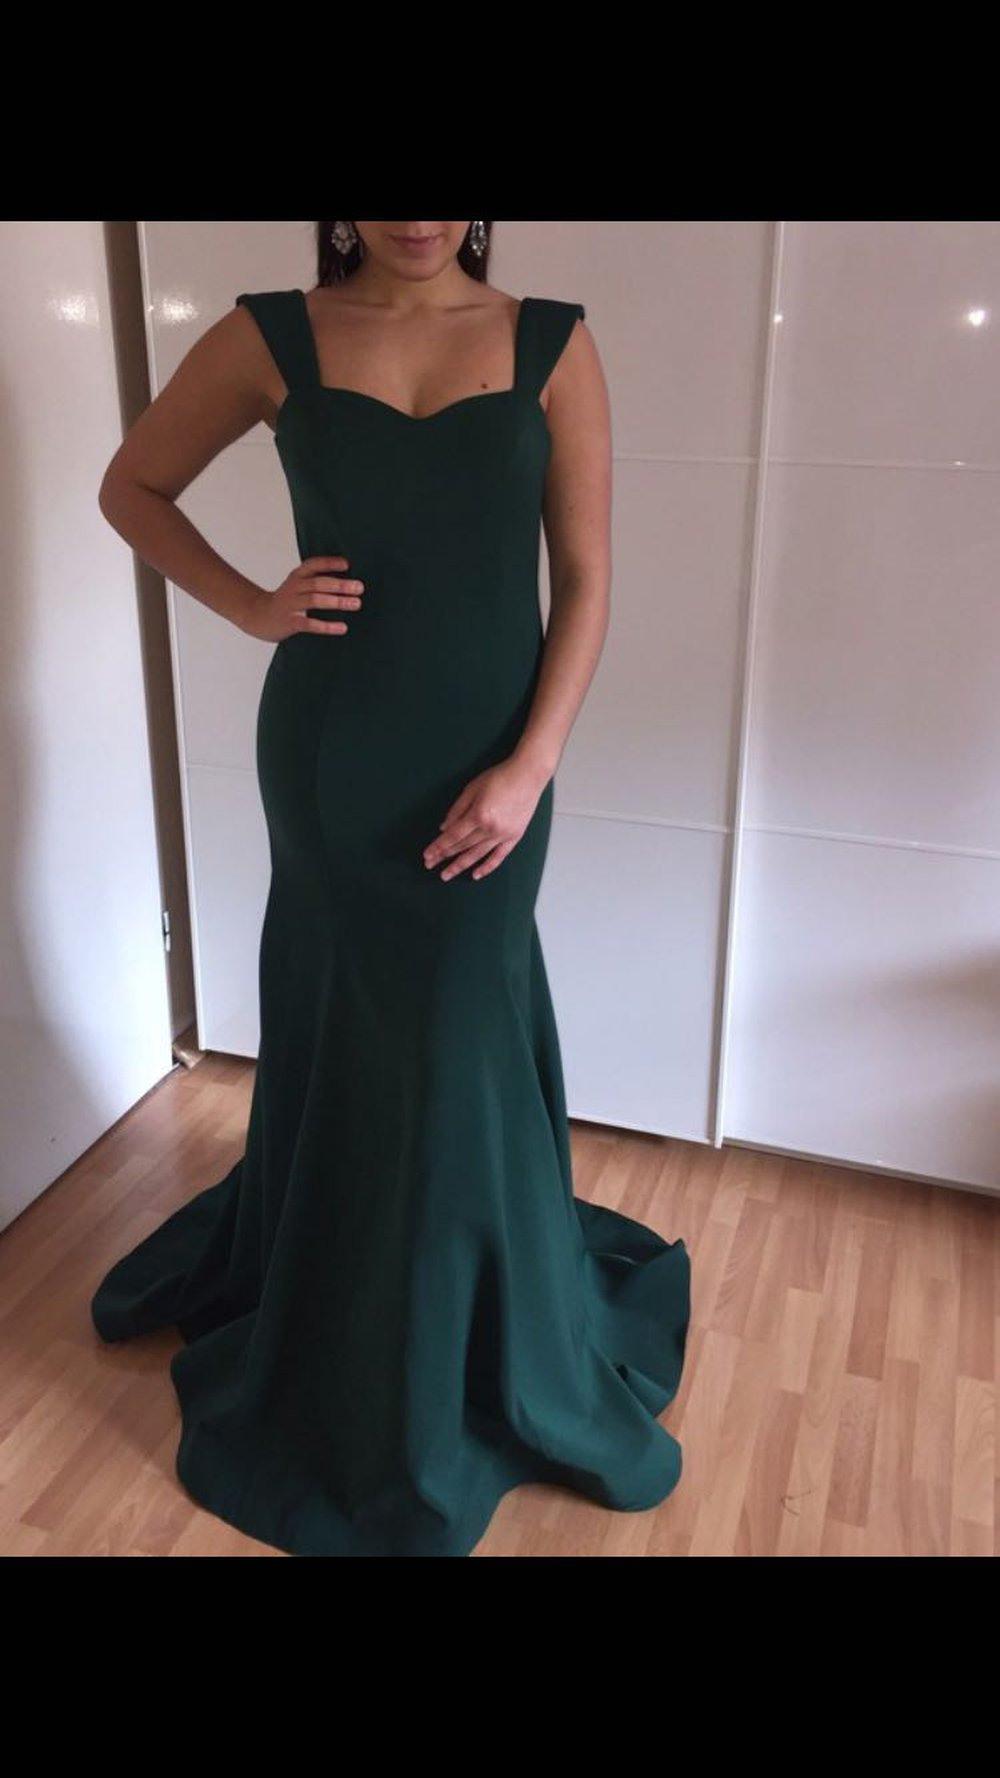 Formal Spektakulär Dunkelgrünes Abendkleid VertriebDesigner Einfach Dunkelgrünes Abendkleid Ärmel